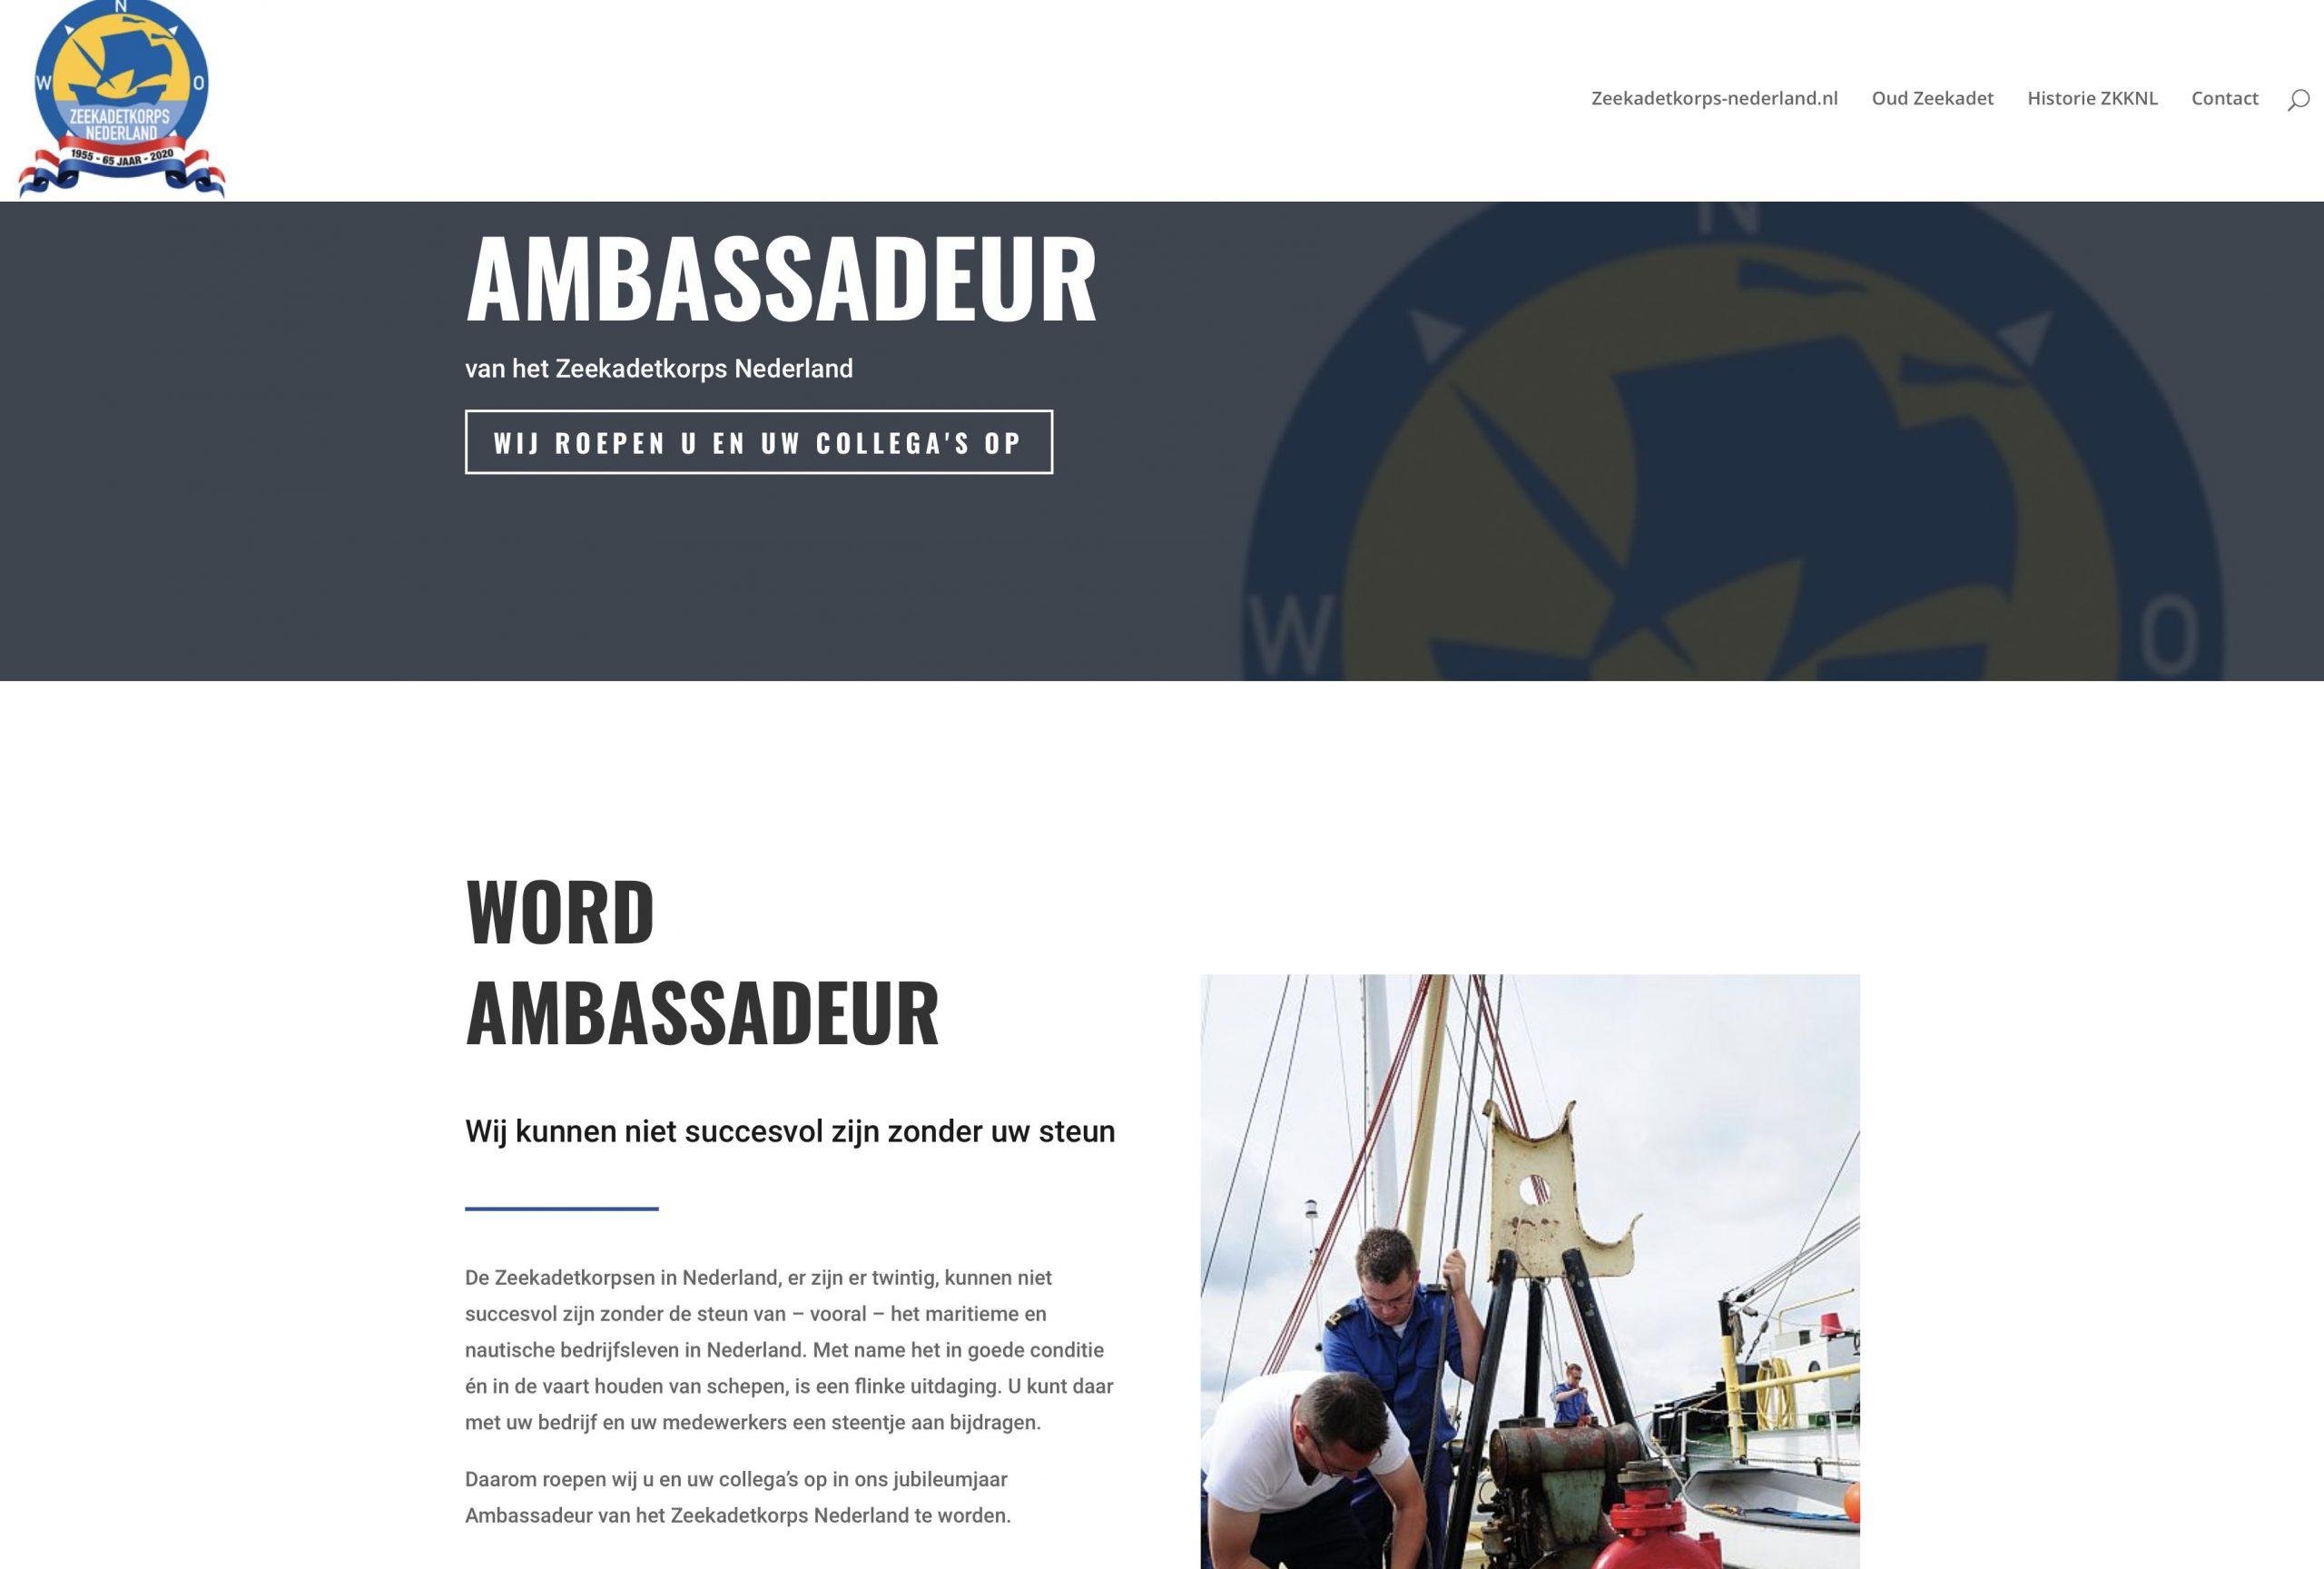 Ambassadeur Zeekadetkorps Nederland